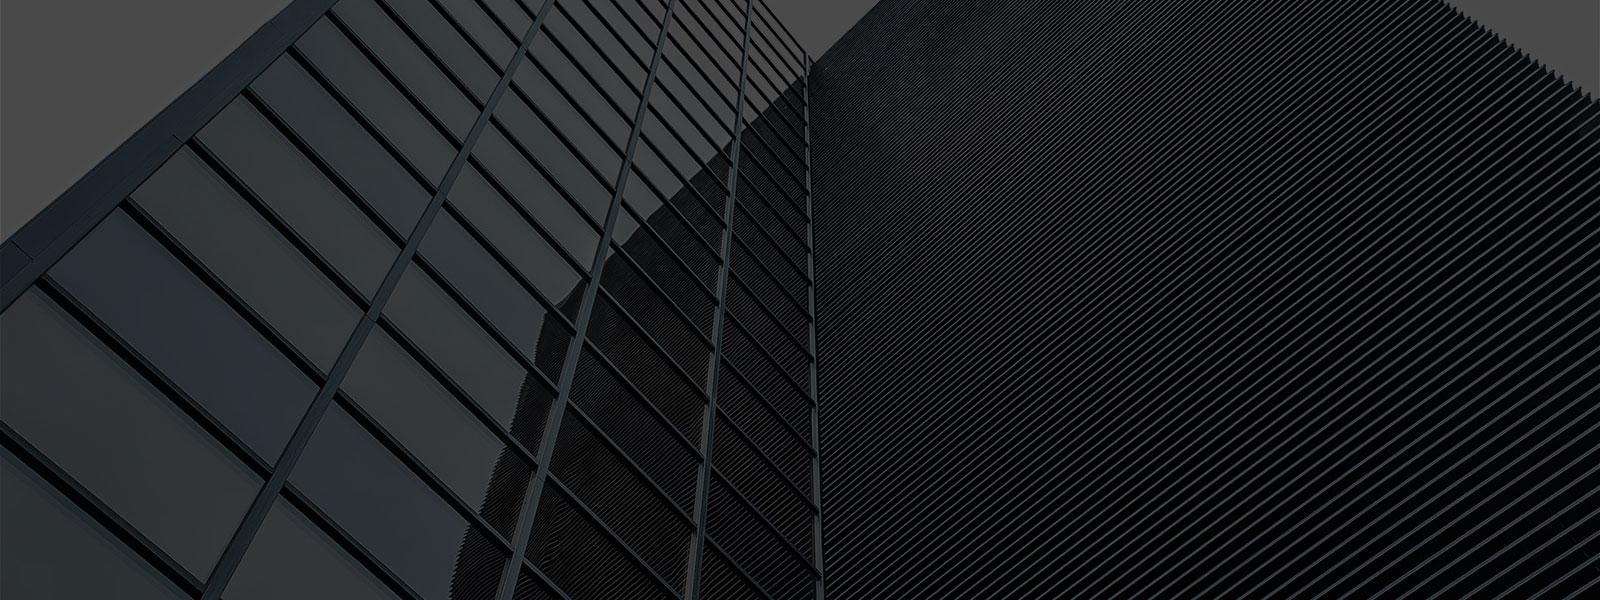 Hình ảnh background tòa cao ốc